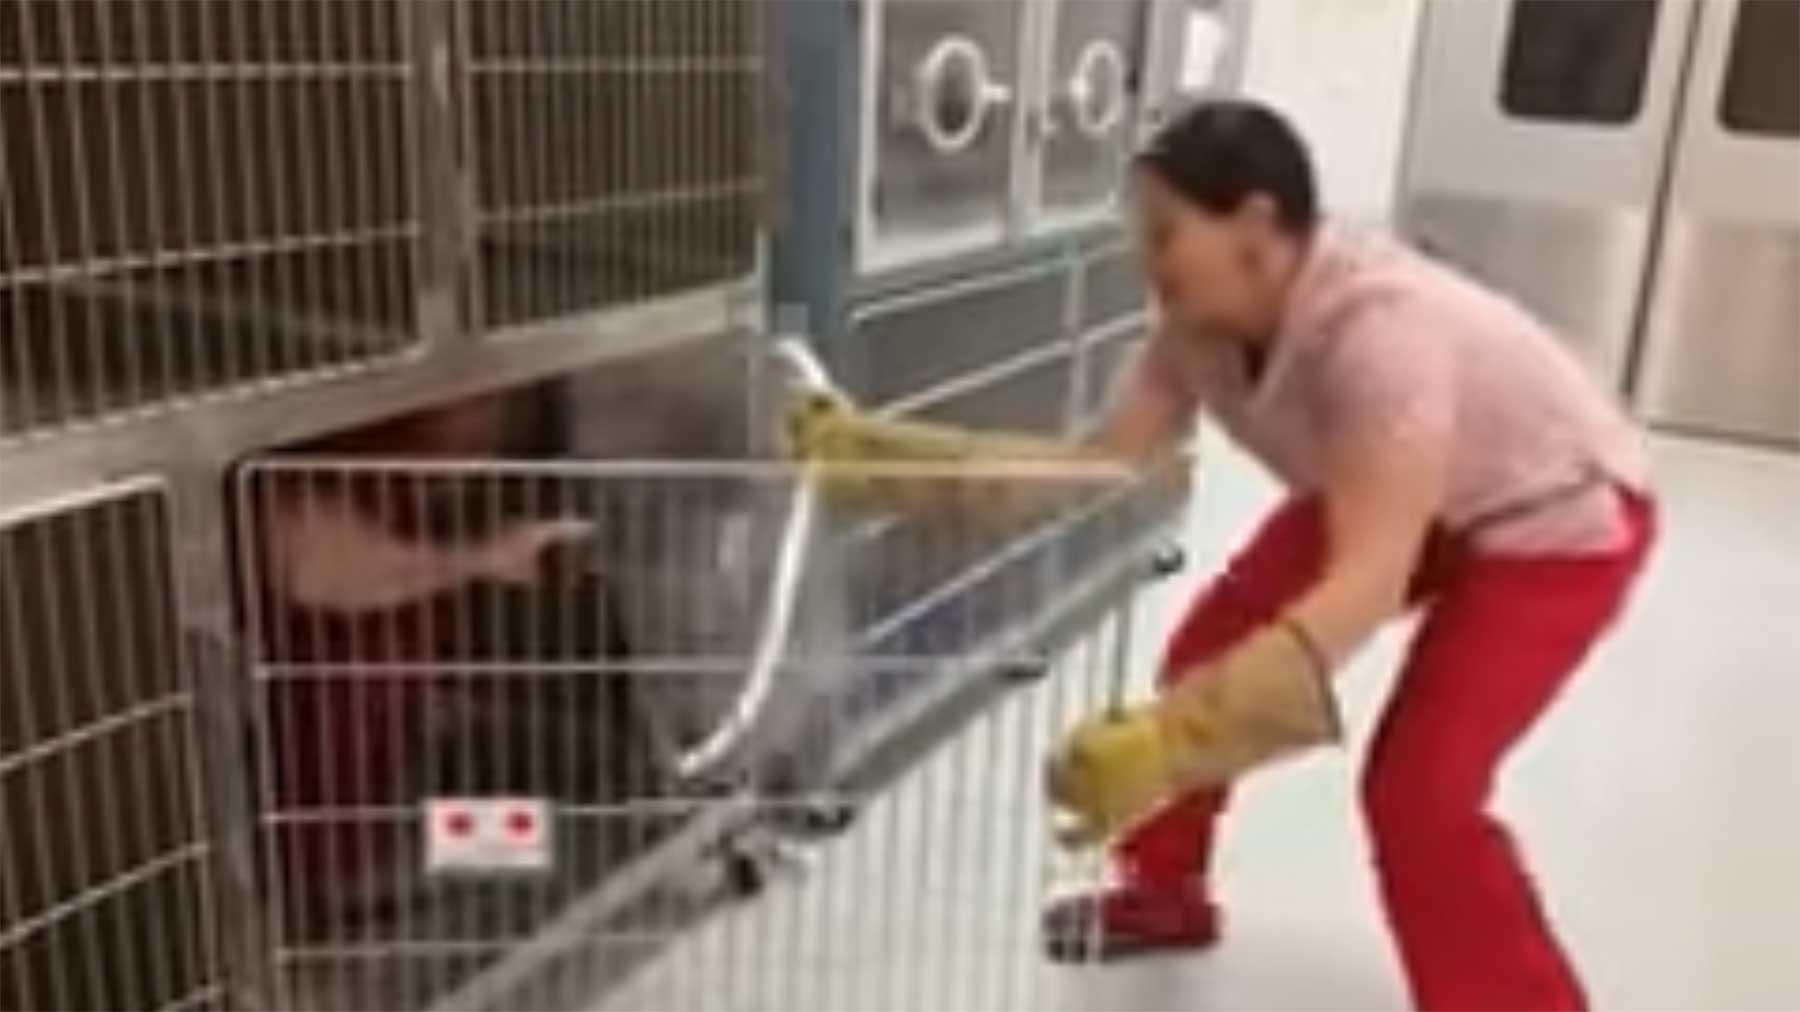 Mann spielt Aggro-Katze in Lehrvideo mann-spielt-aggressive-katze-in-trainingsvideo